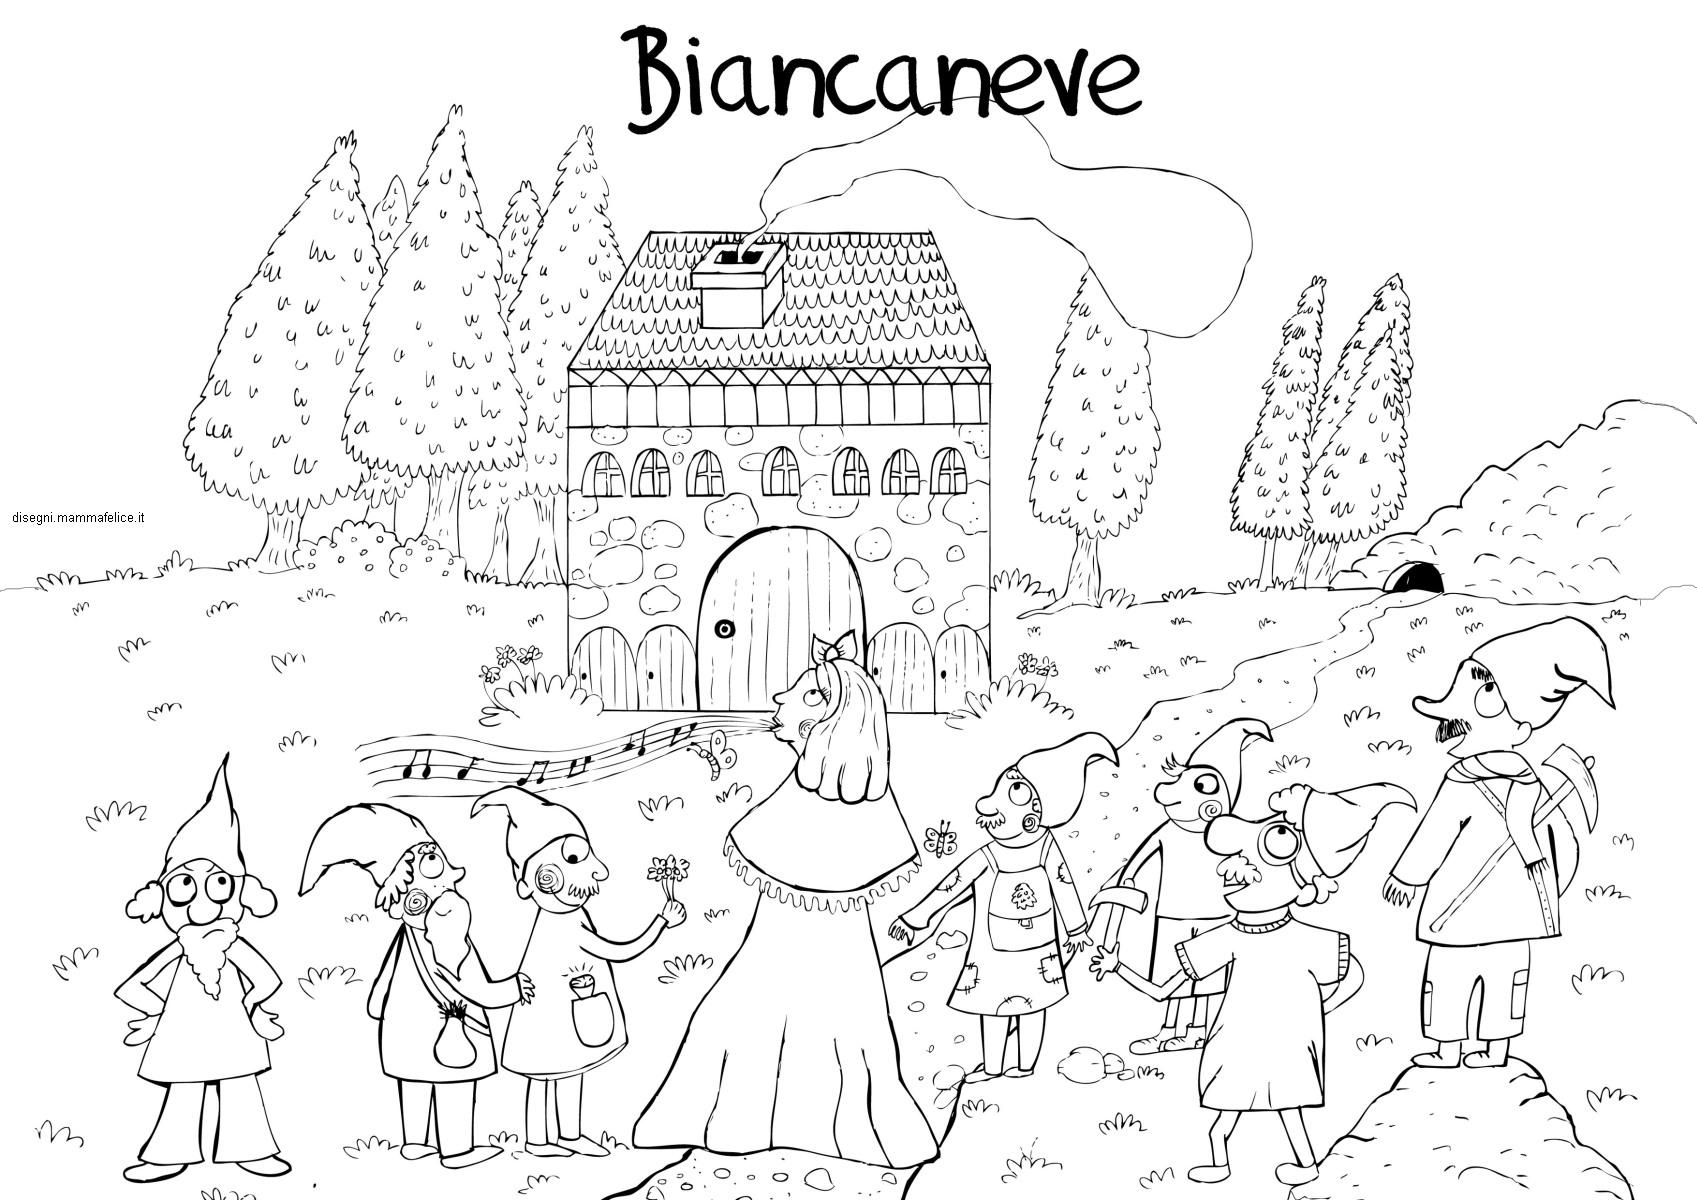 disegni-per-bambini-da-colorare-vacanze-fiabe-biancaneve-sette-nani